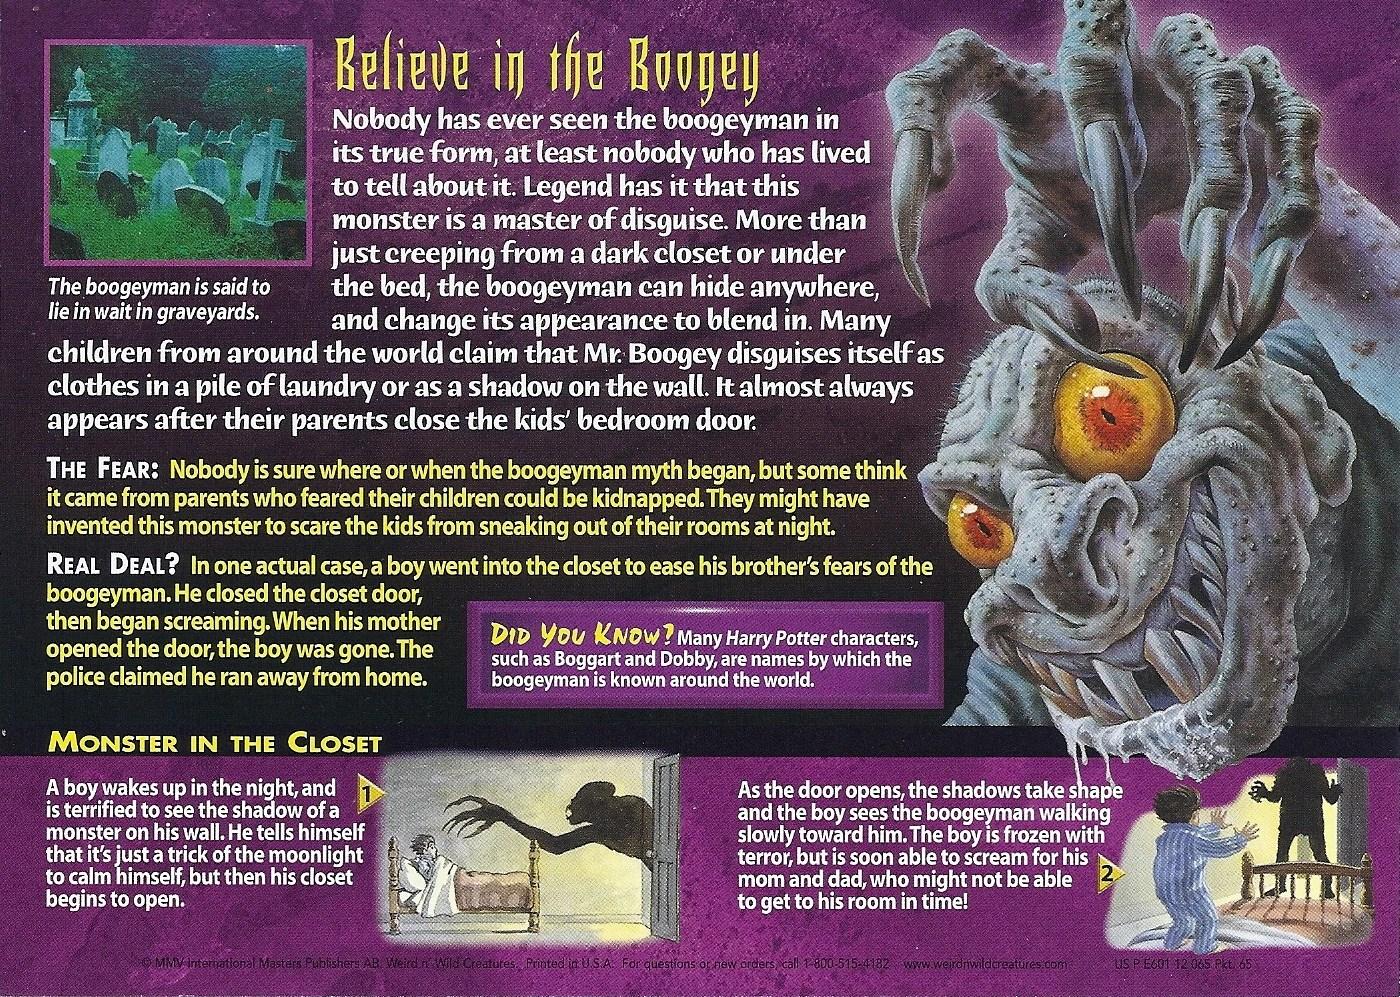 Boogeyman Wierd Nwild Creatures Wiki